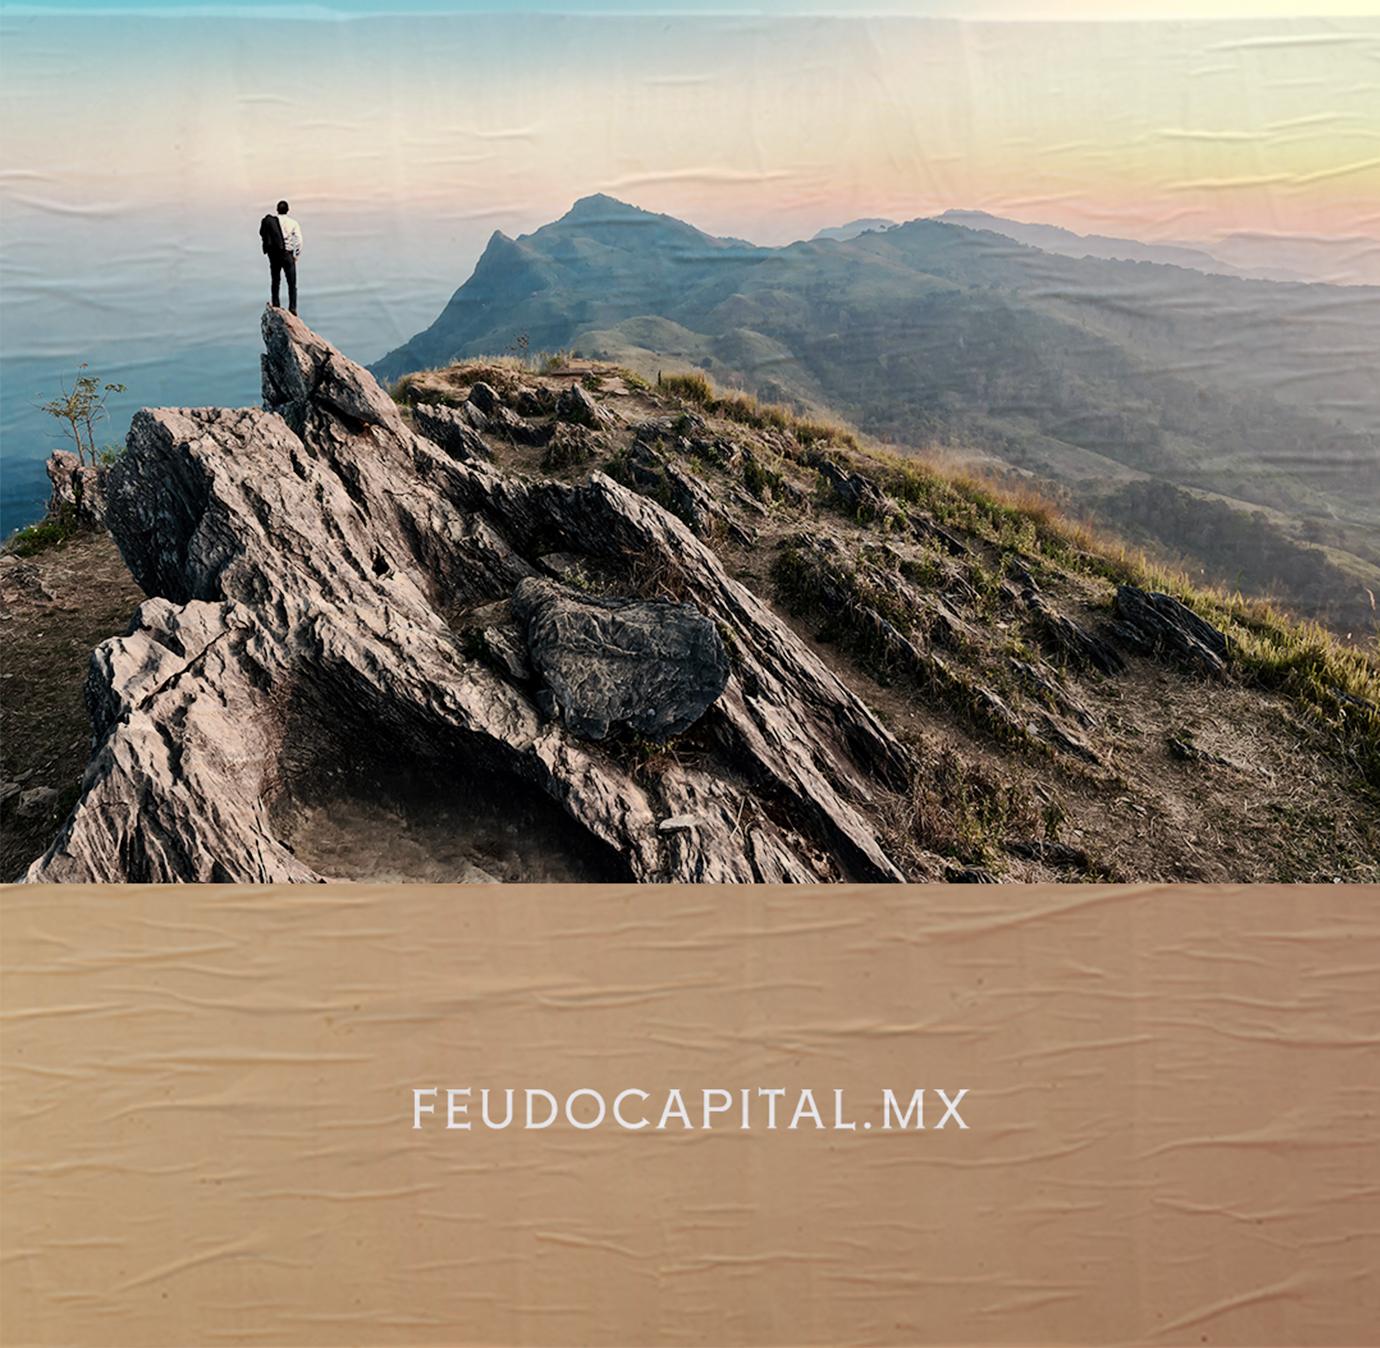 fb04-feudo-capital-yoenpaperland